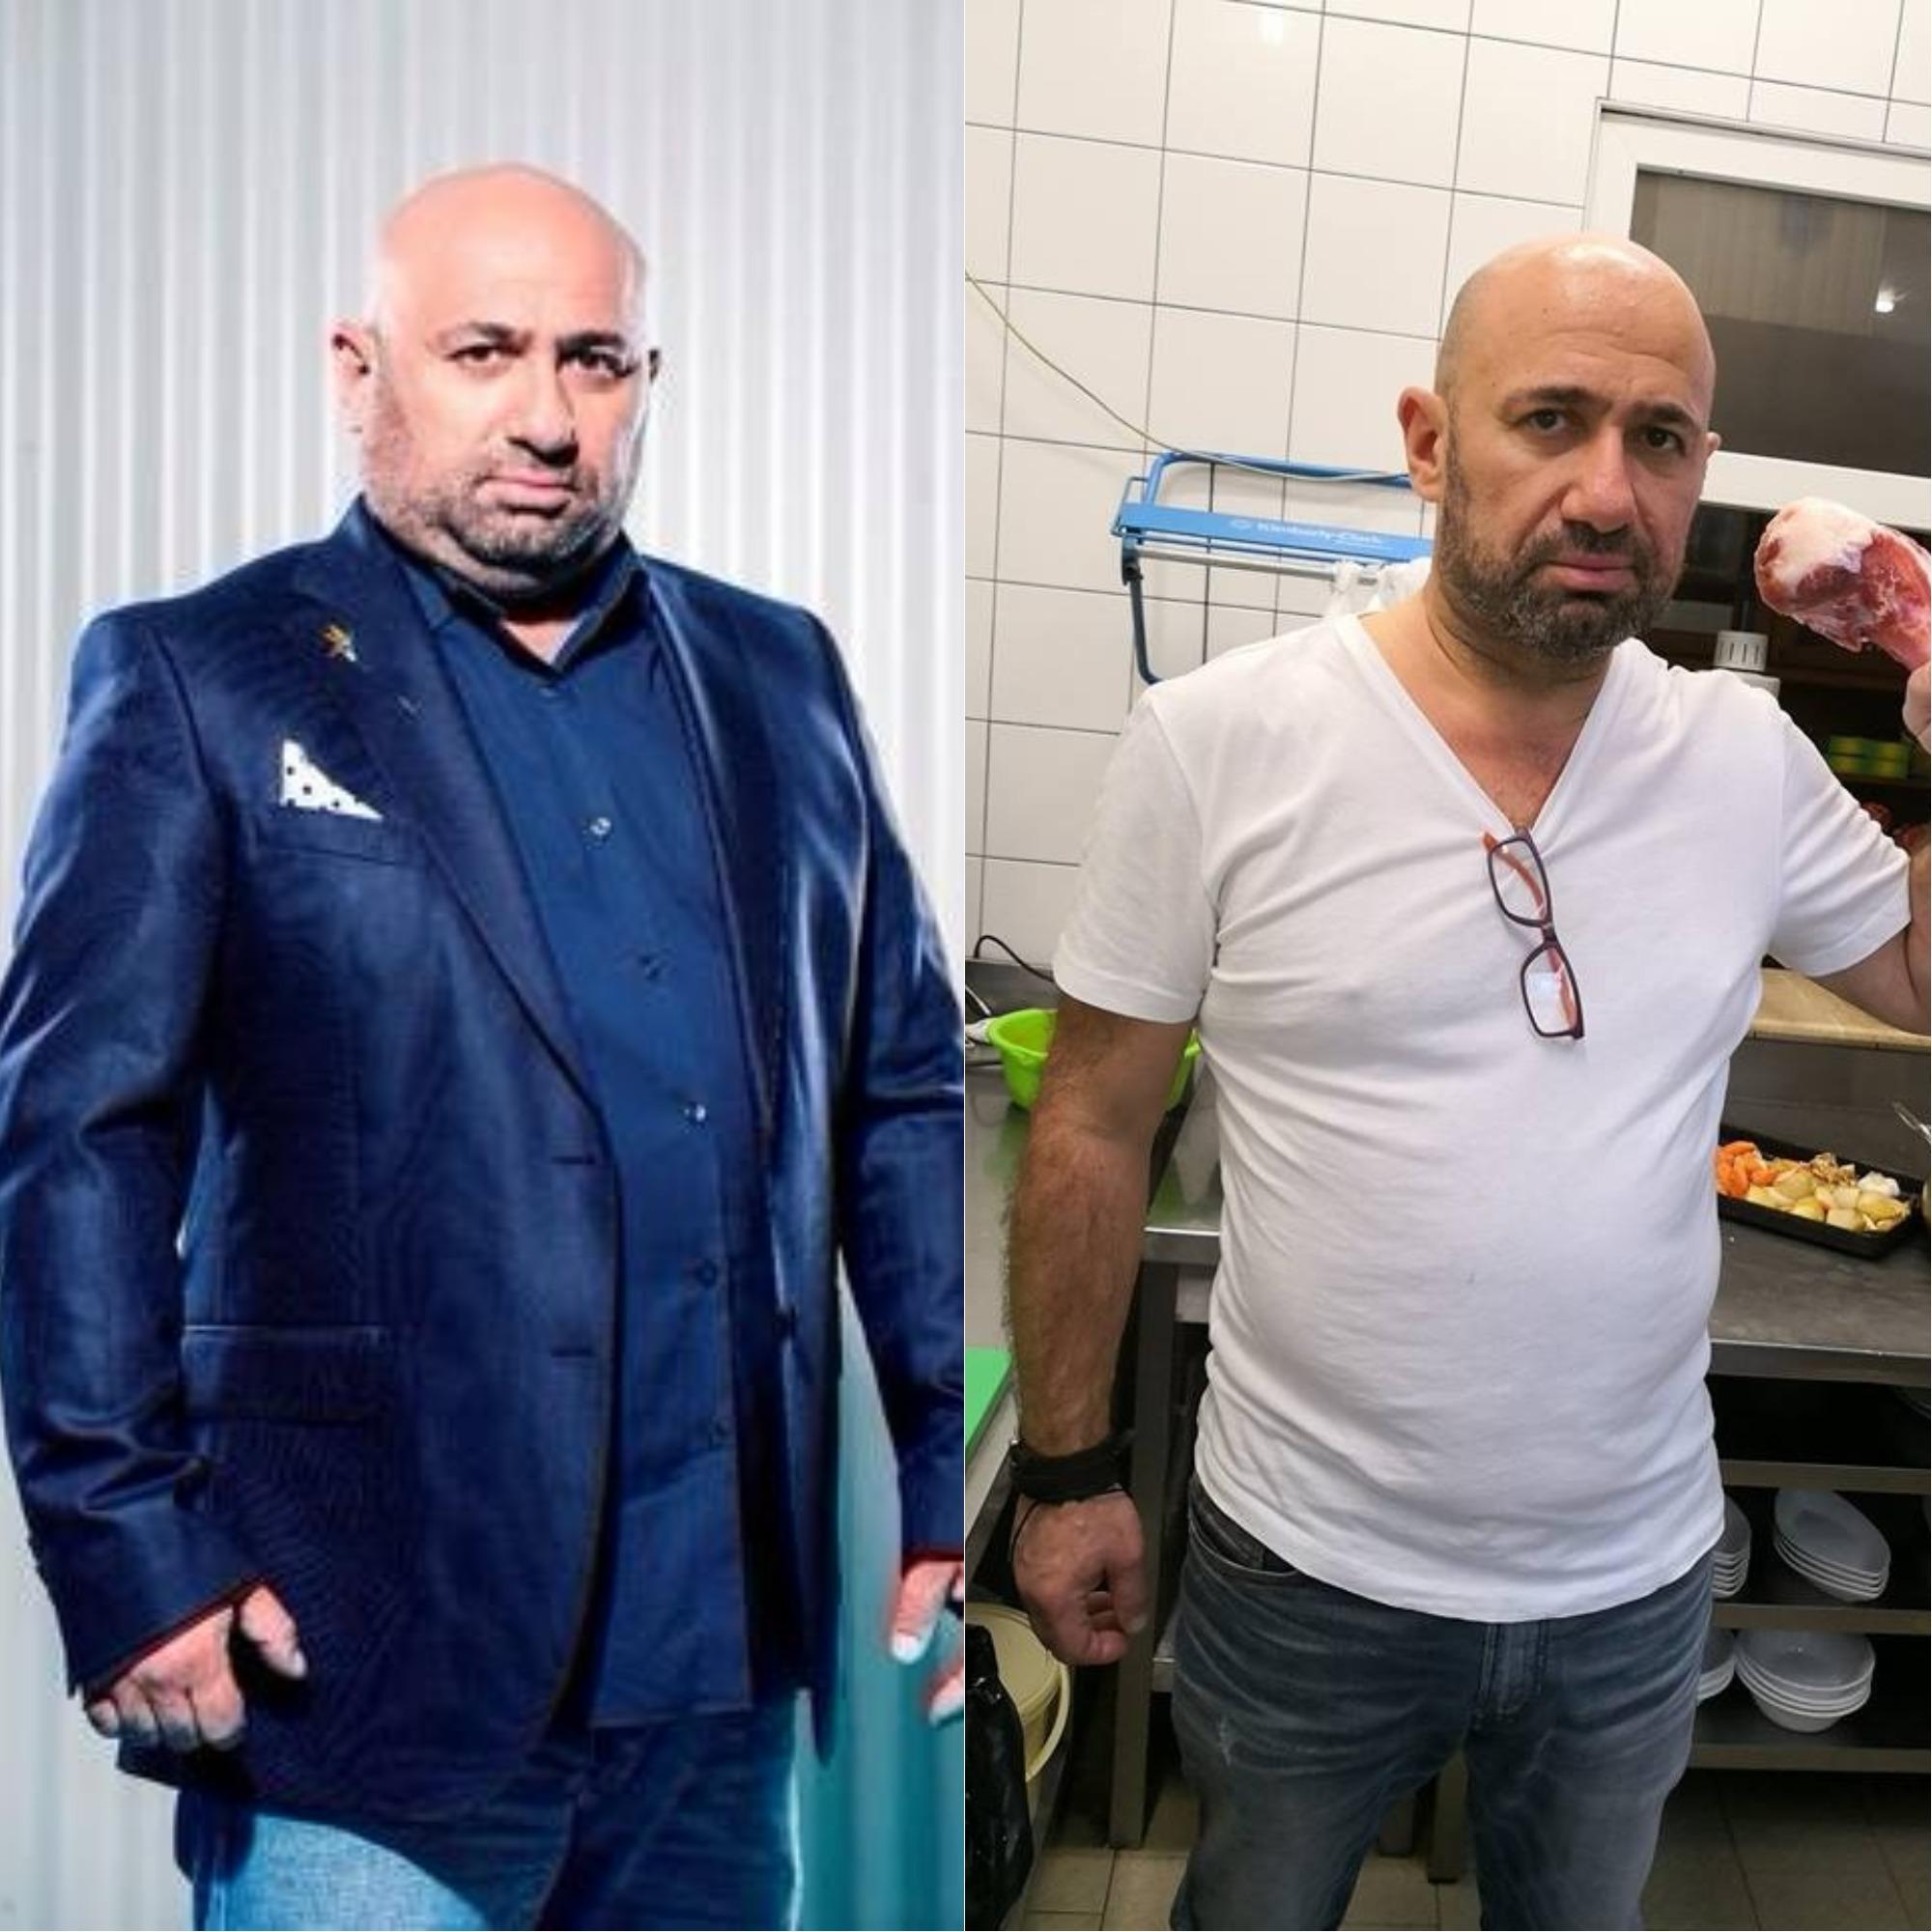 Chef Scărlătescu a slăbit 47 kg după operația de micșorare a stomacului